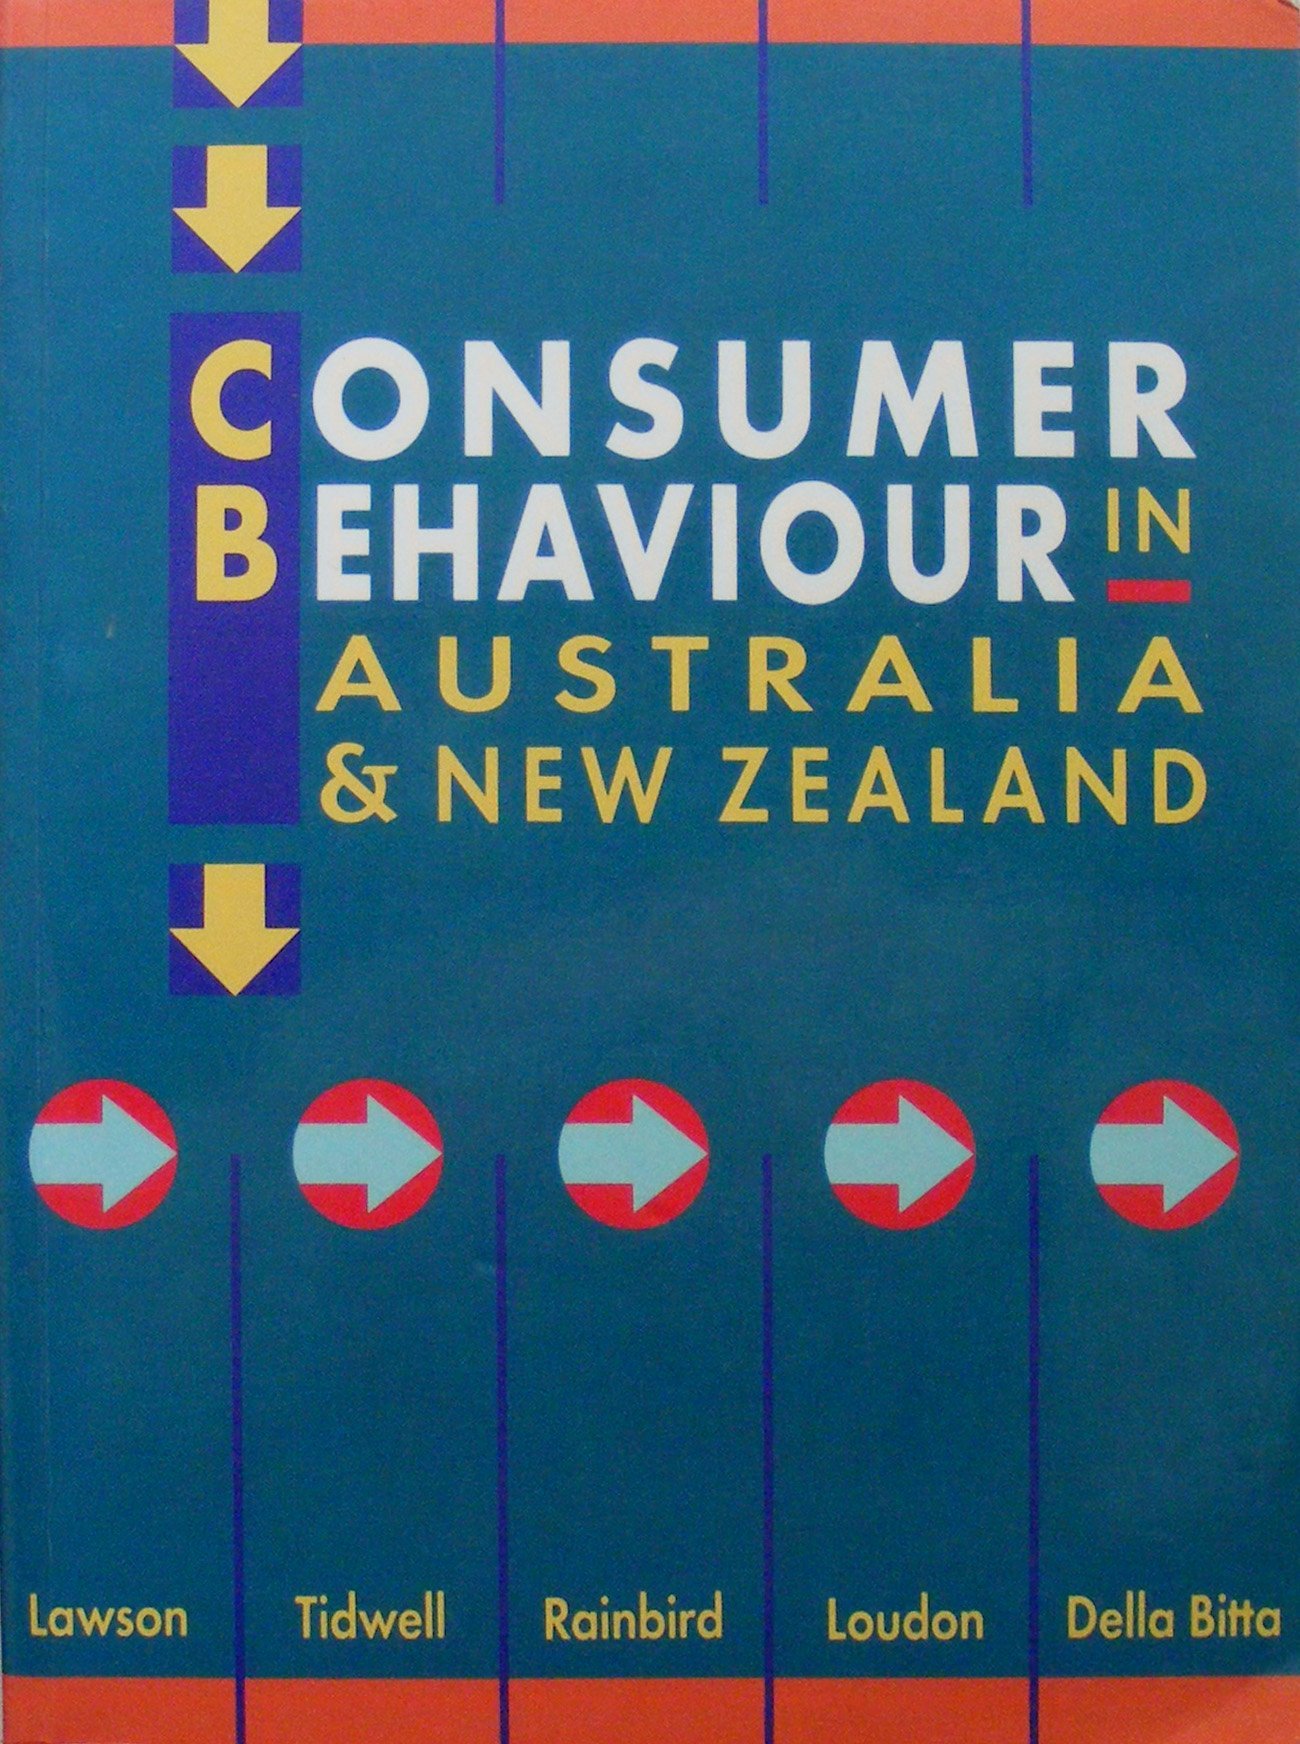 Consumer Behaviour in Australasia